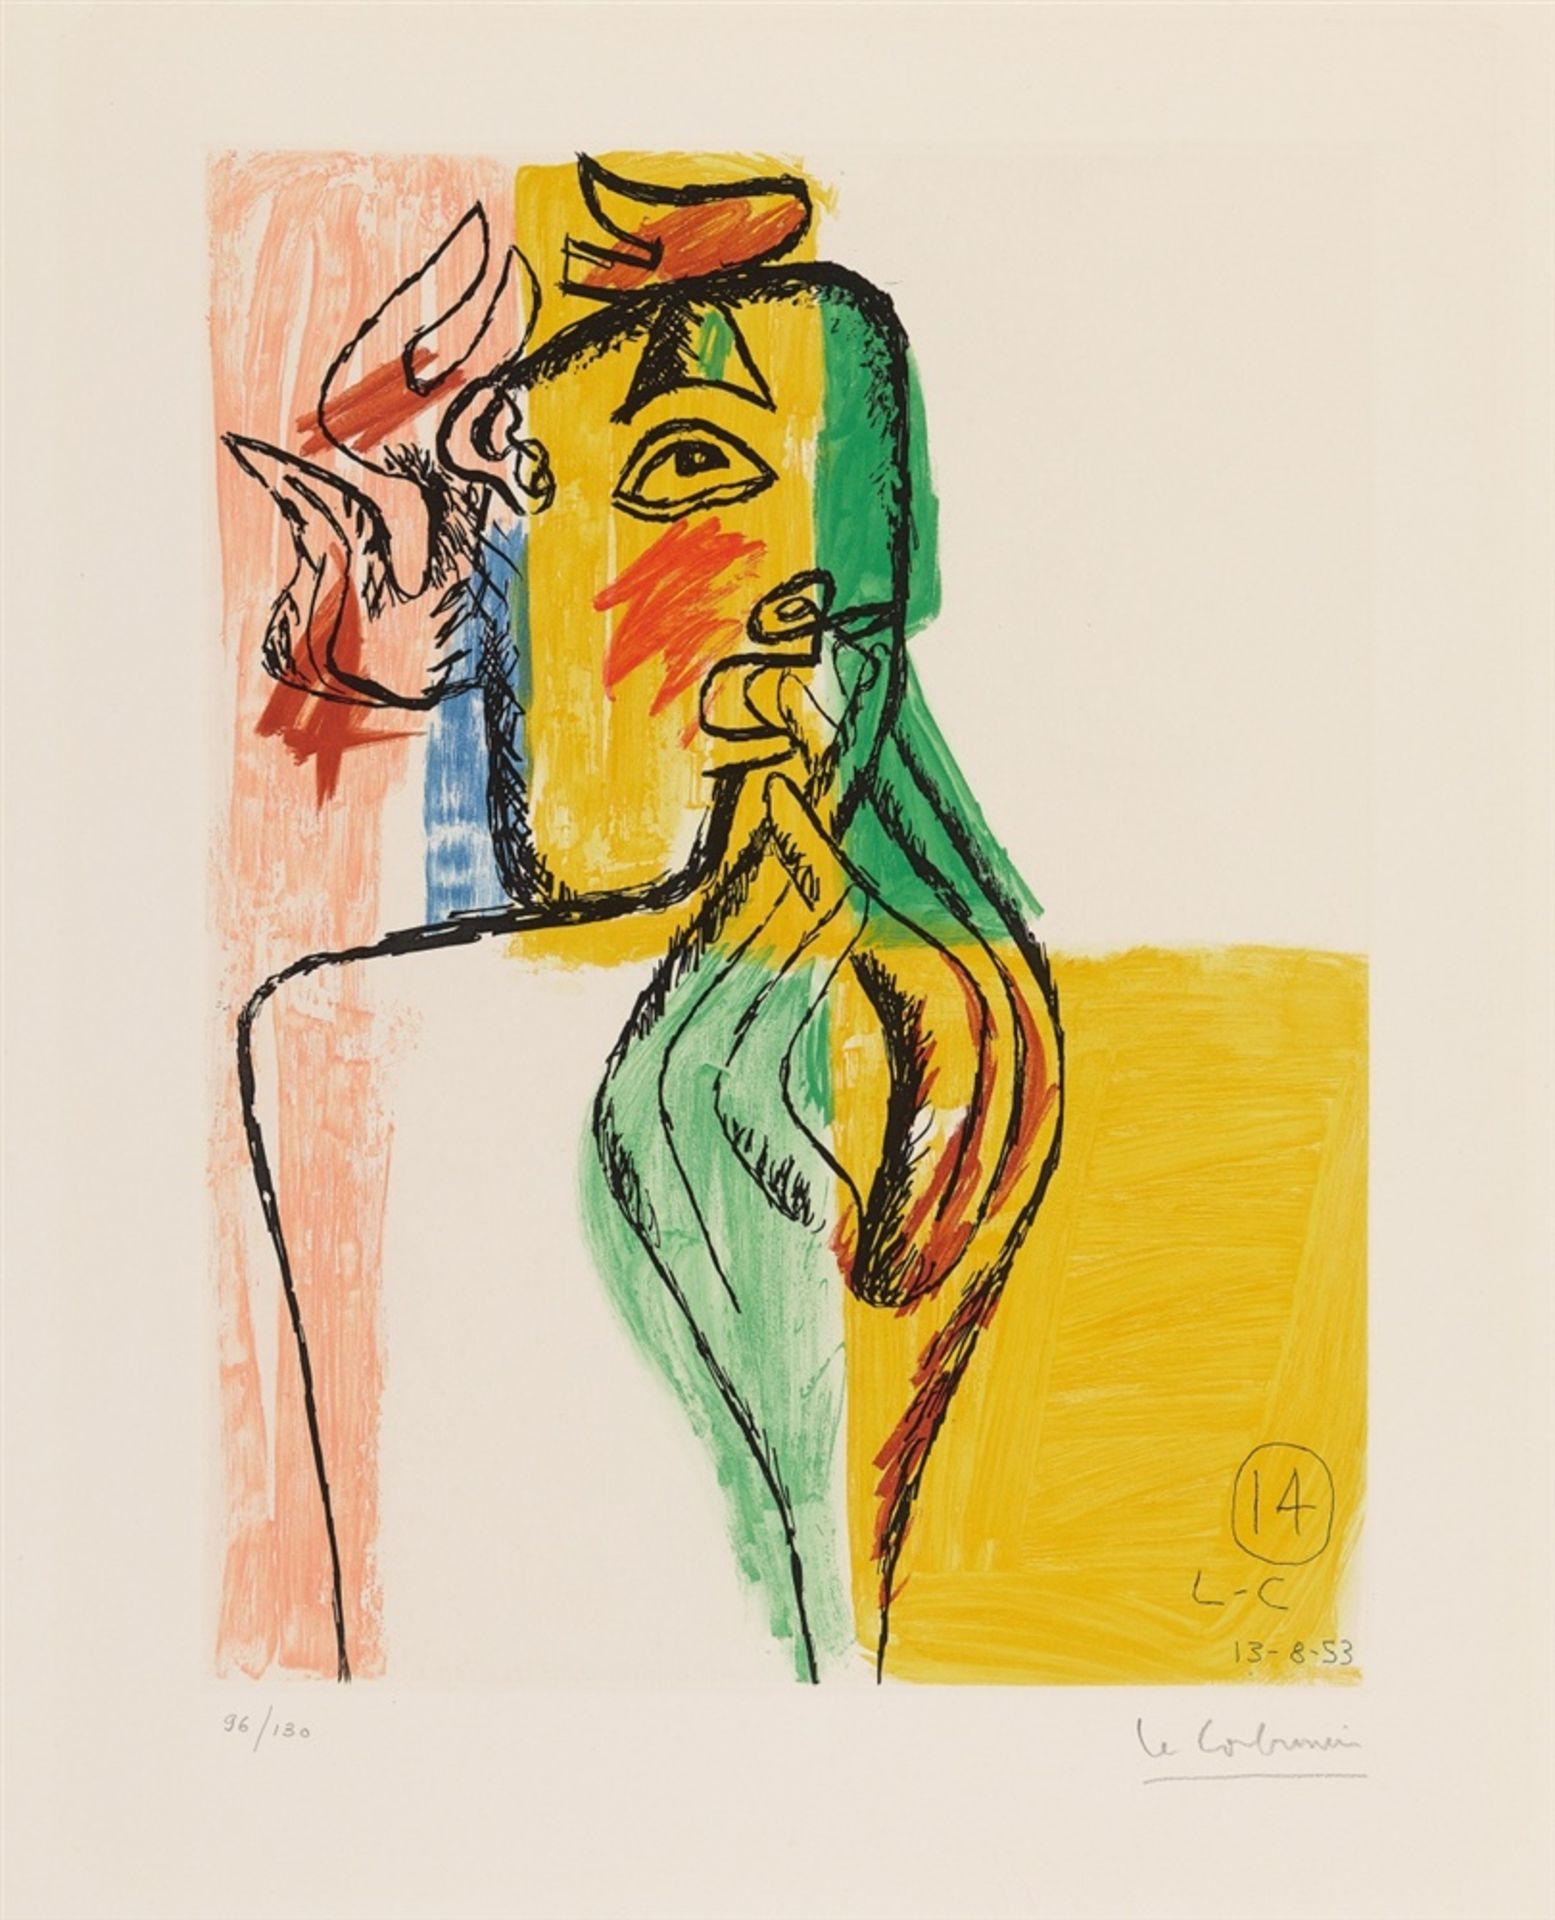 Le Corbusier (Charles-Édouard Jeanneret)Unité - Bild 8 aus 27